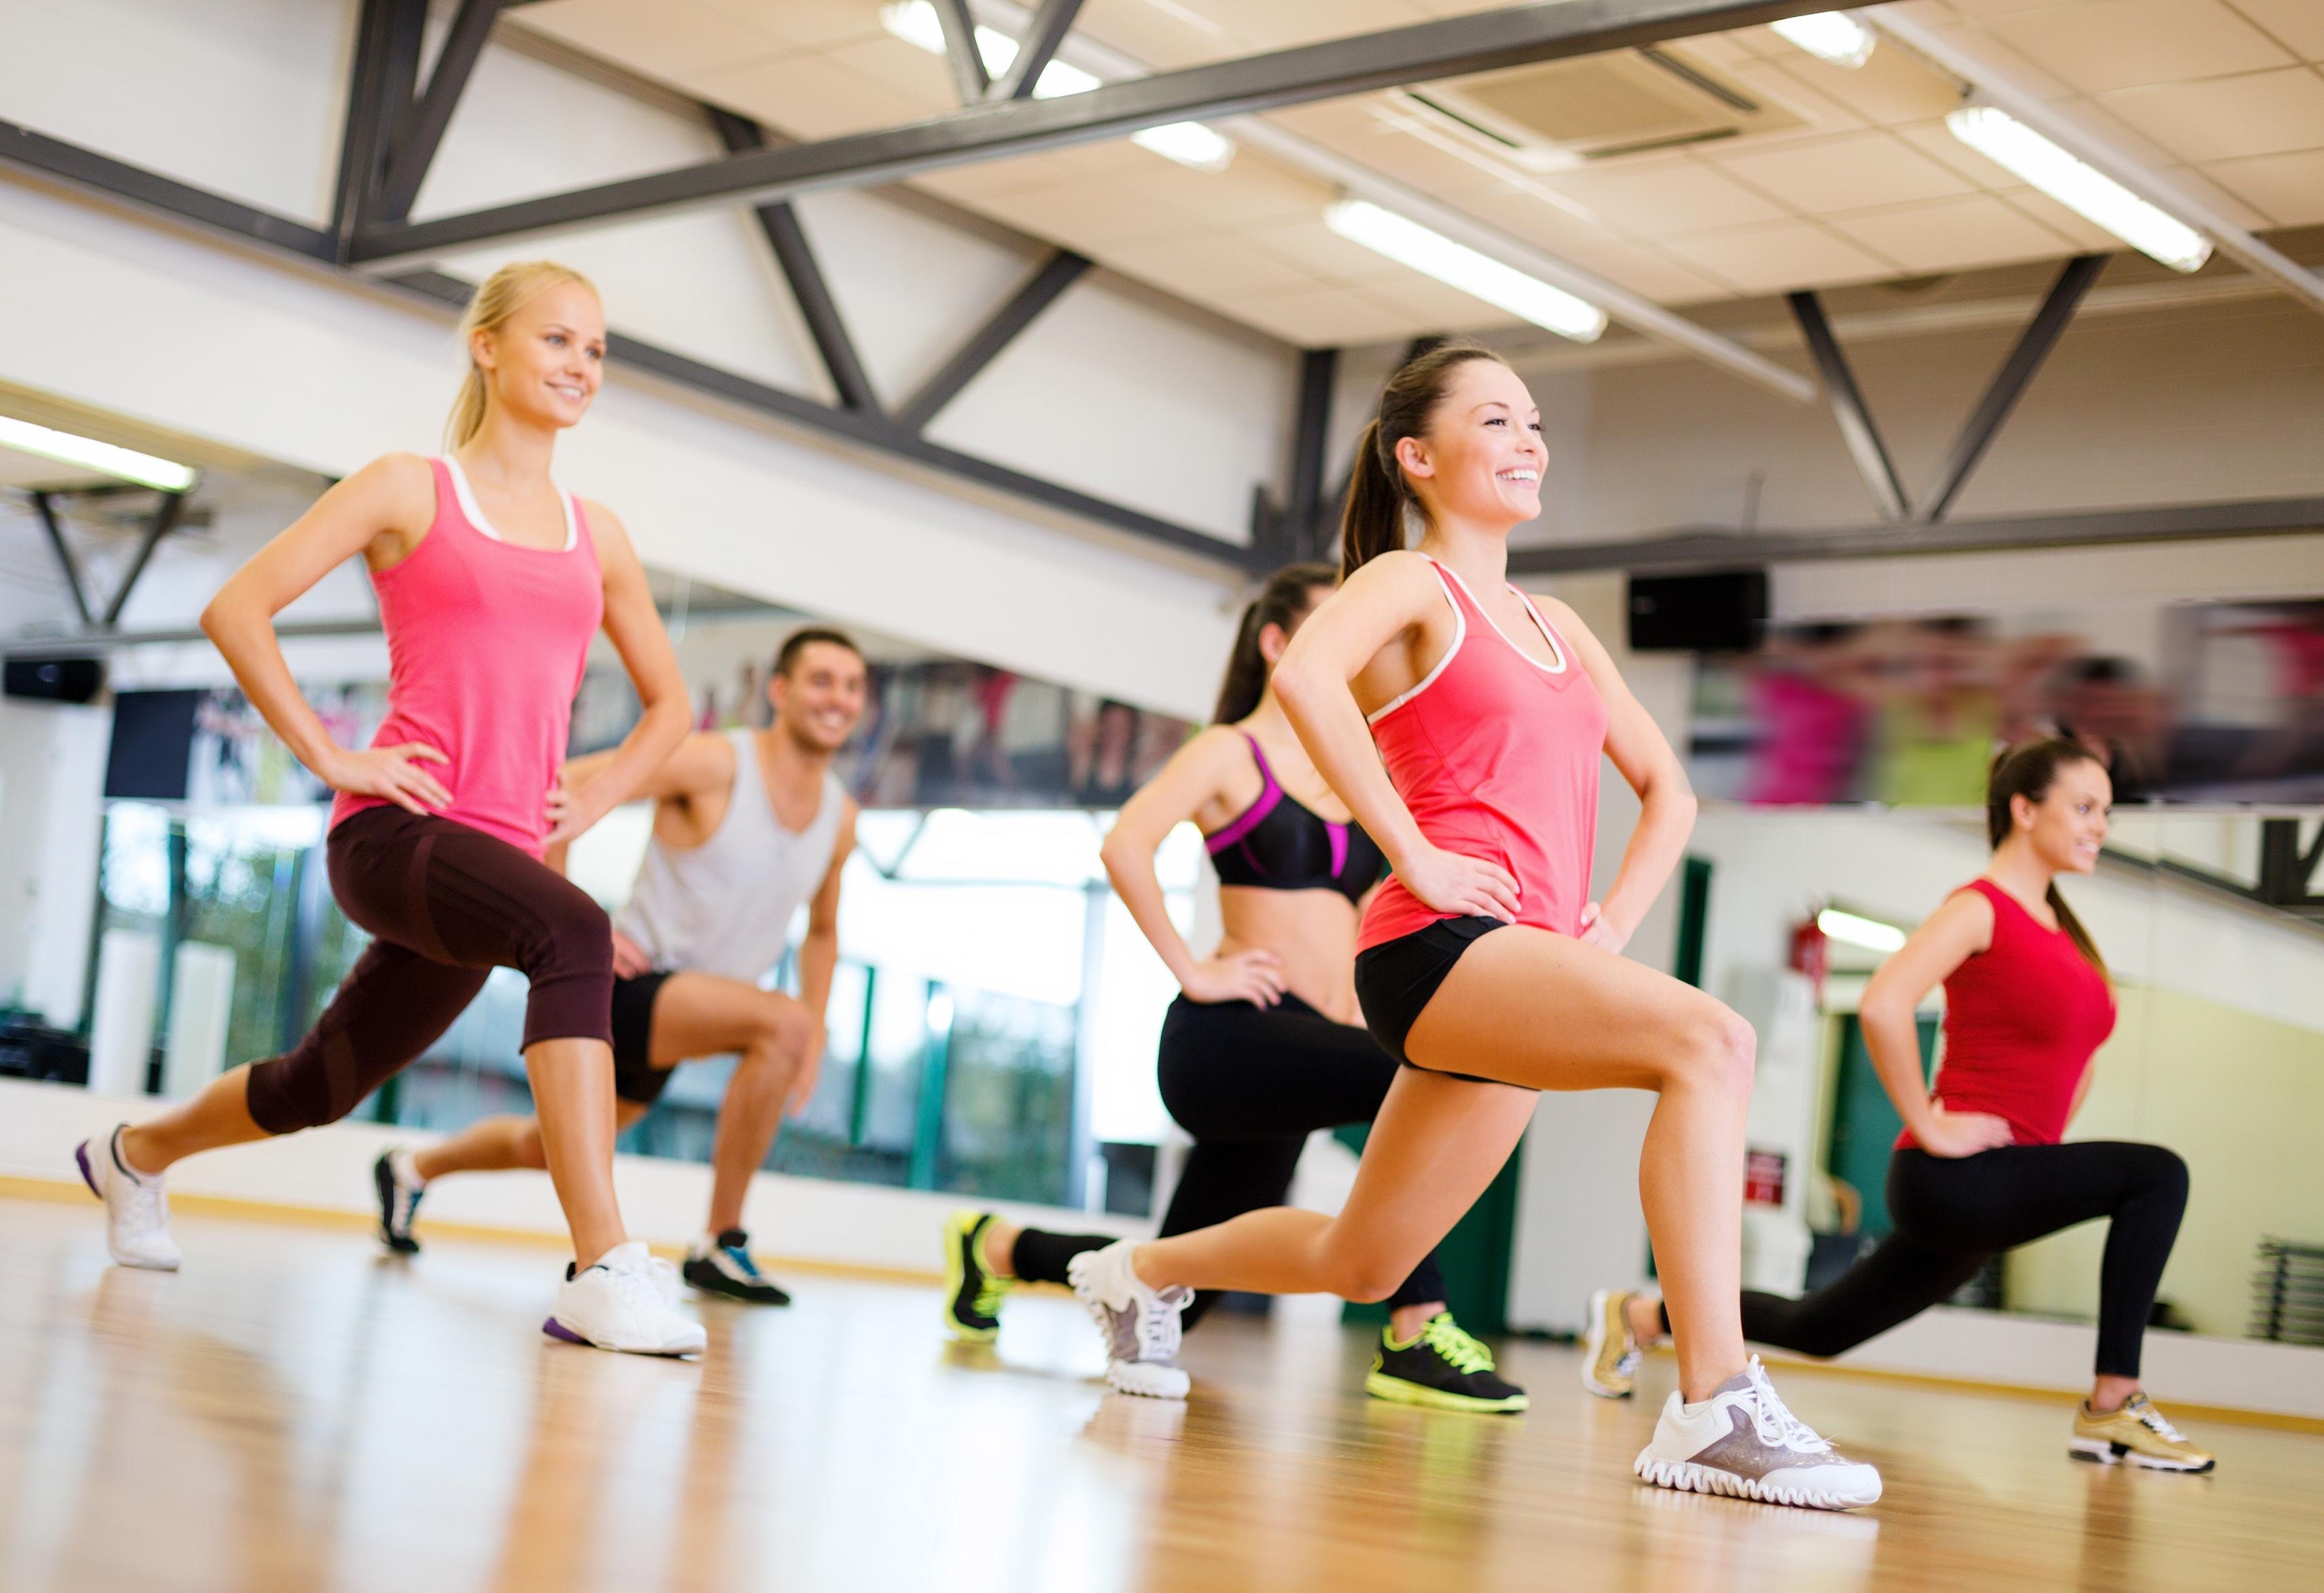 ejercicios aeróbicos.jpg